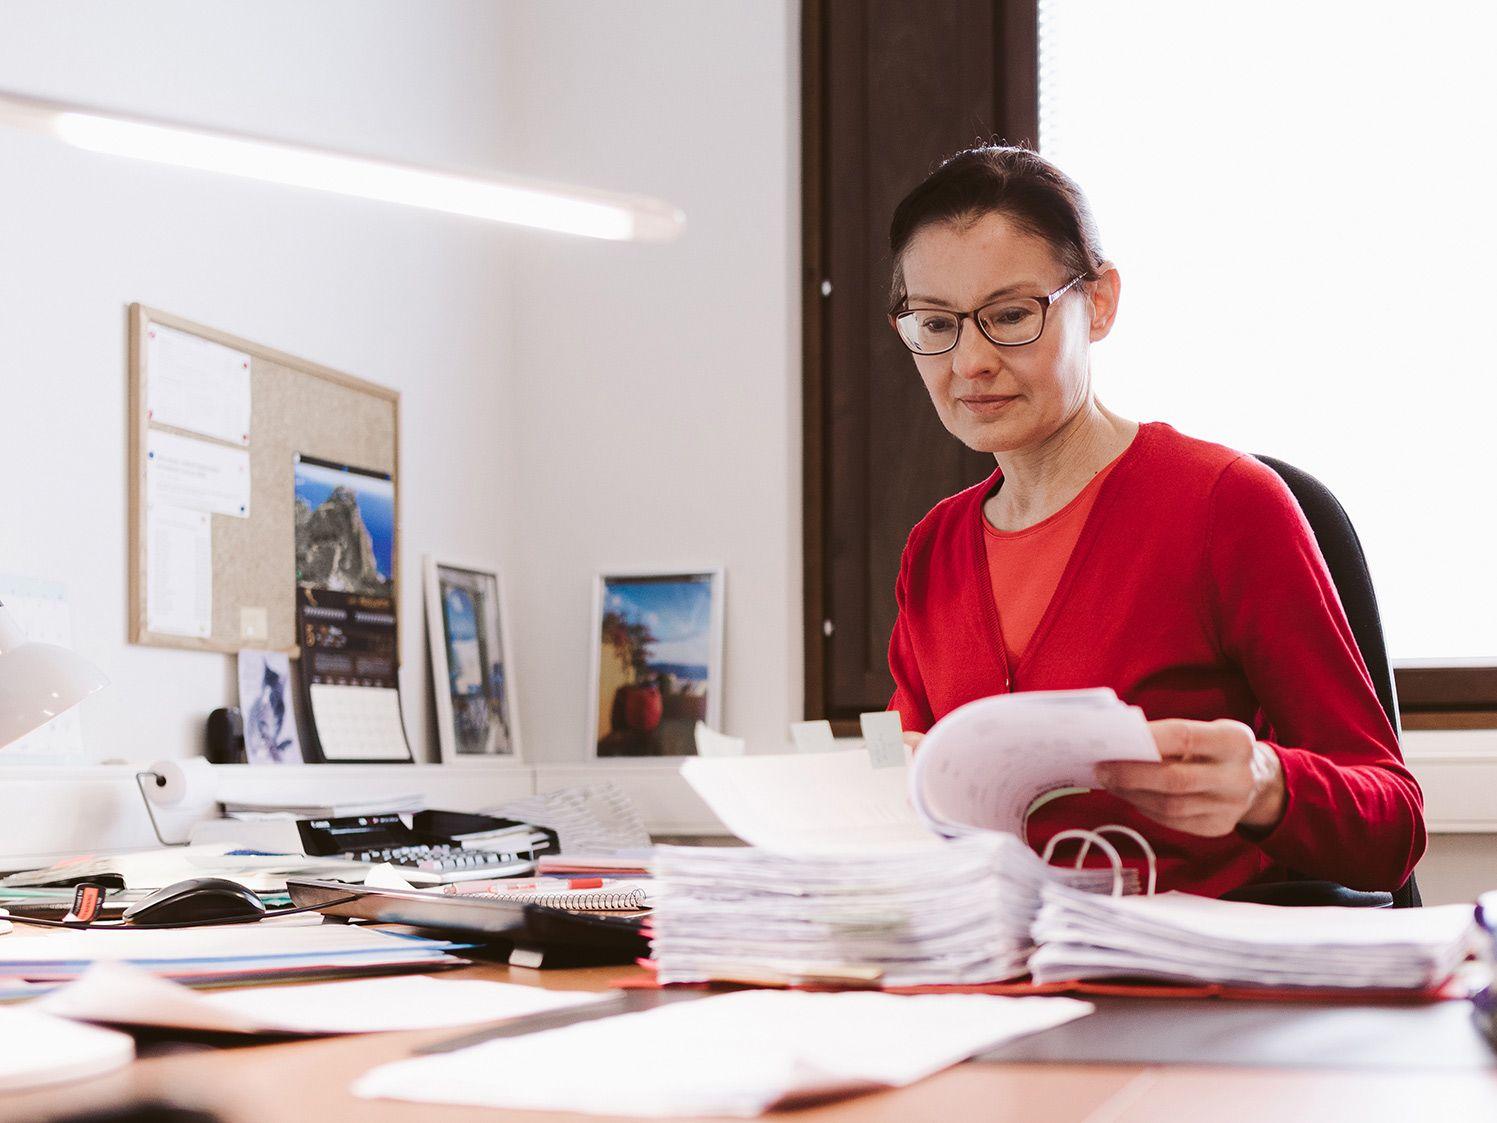 Kuvassa: Pirkko Villman istuu toimiston pöydän äärellä ja kääntää muistion sivua.